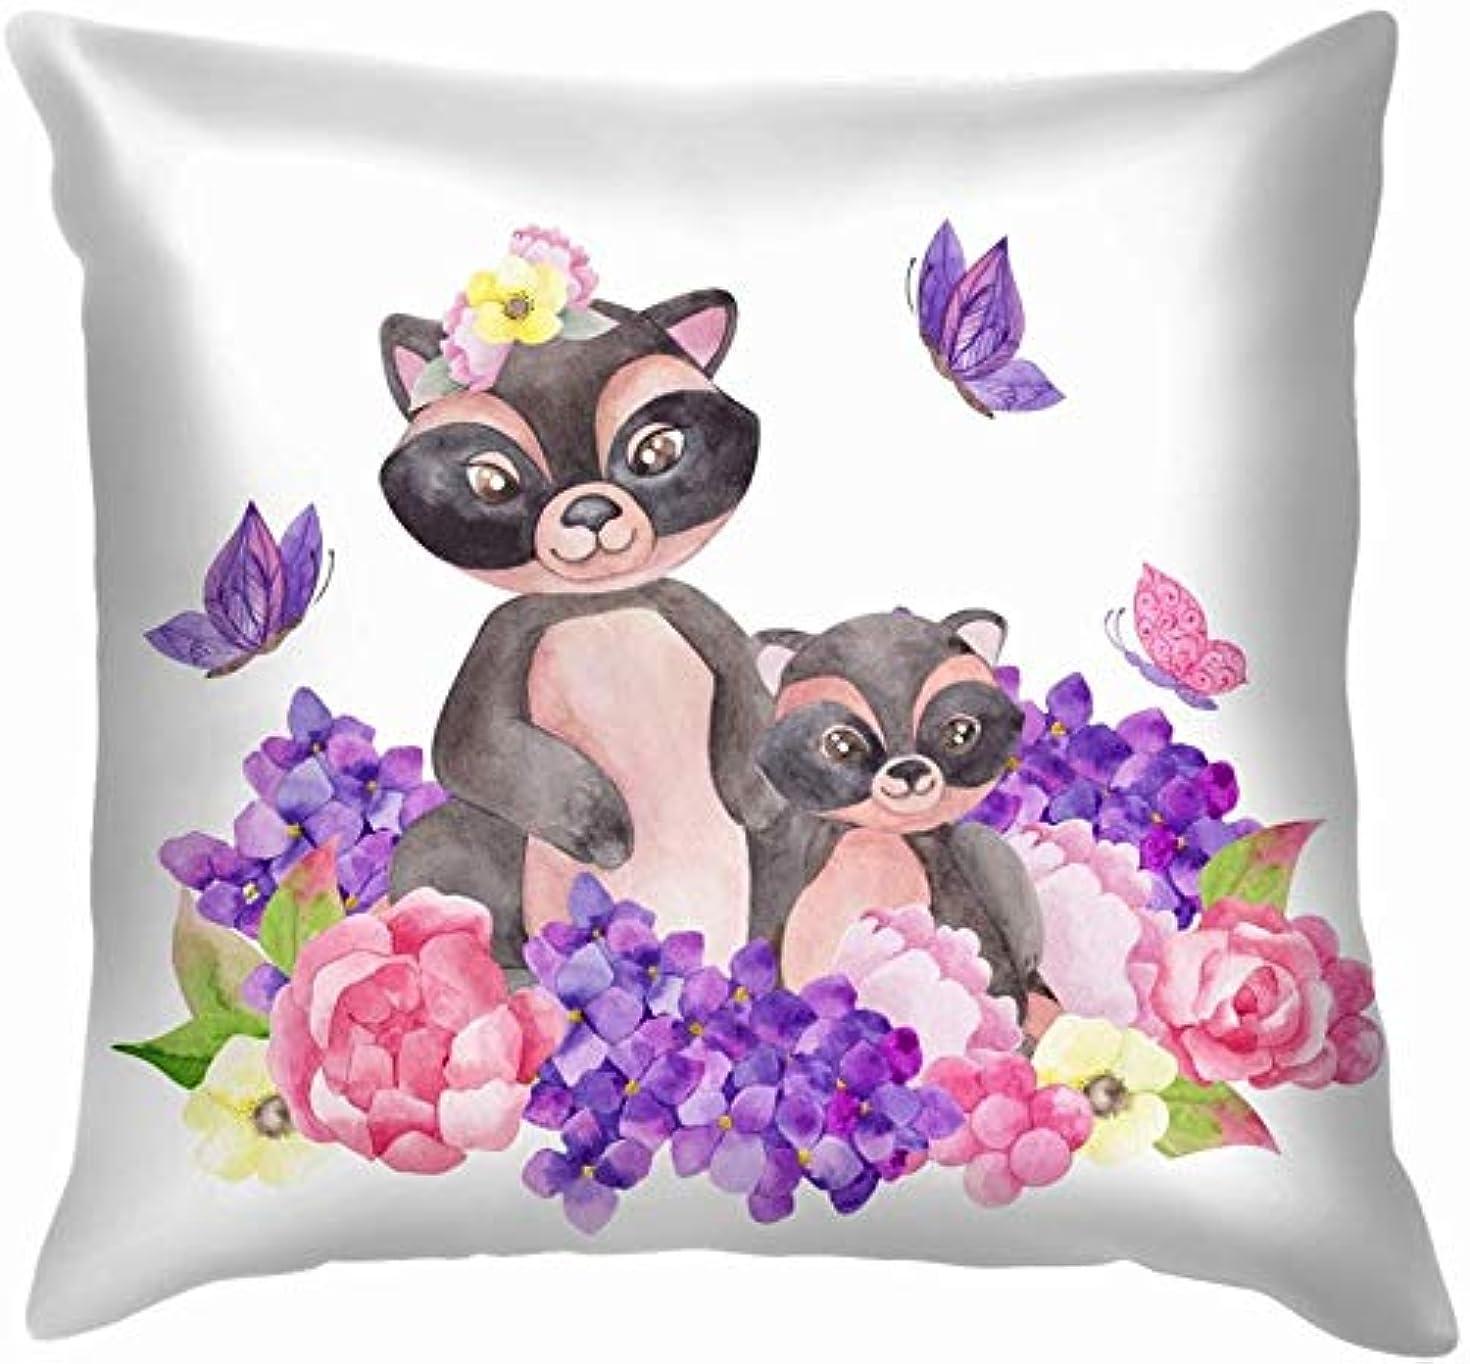 請願者汚れる偏心水彩かわいいママアライグマ赤ちゃん動物野生動物動物芸術投げる枕カバーホームソファクッションカバー枕カバーギフト45x45 cm